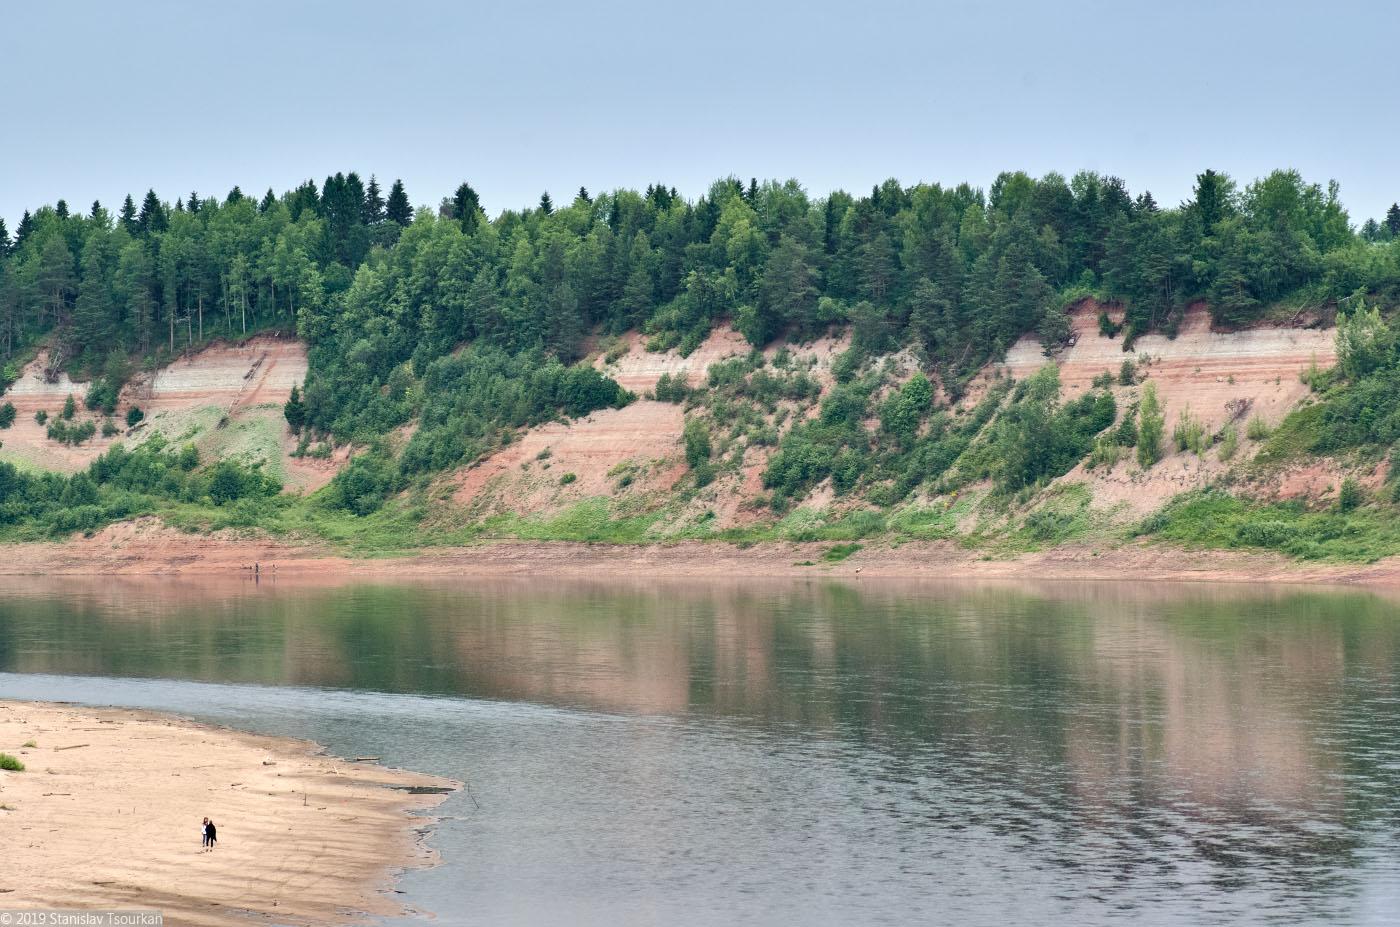 Вологодская область, Вологодчина, Великий устюг, Русский север, Сухона, крутой берег